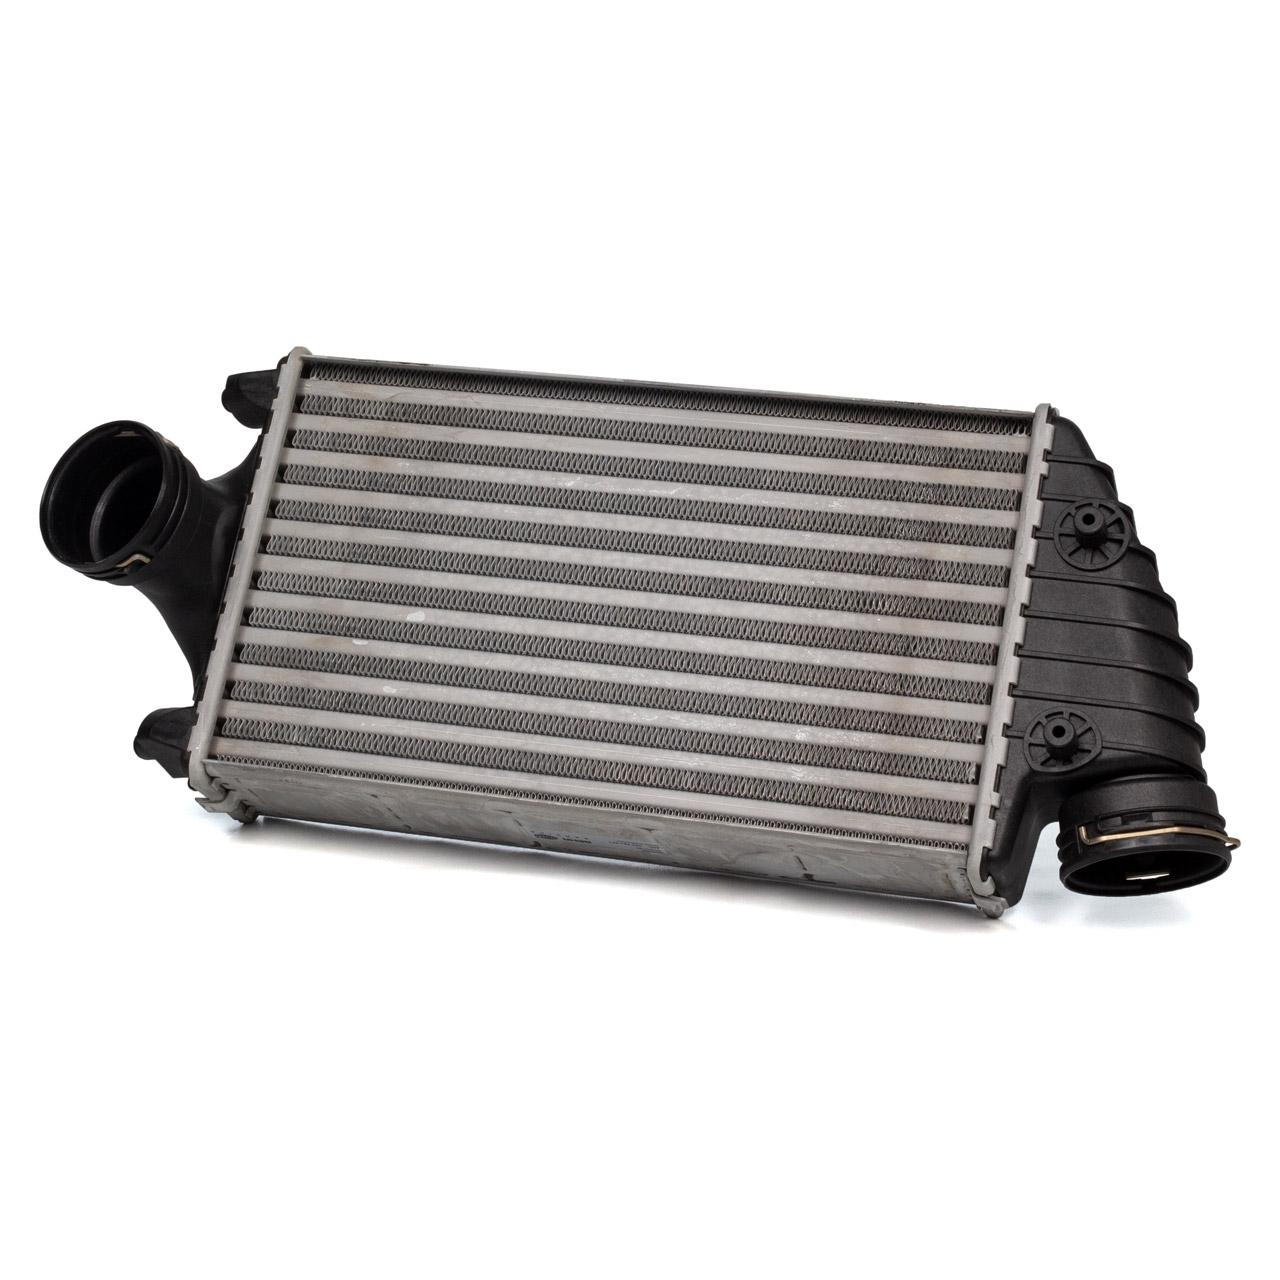 MAHLE Ladeluftkühler PORSCHE 997 3.6 Turbo + 3.6 GT2 / RS links 99711063900